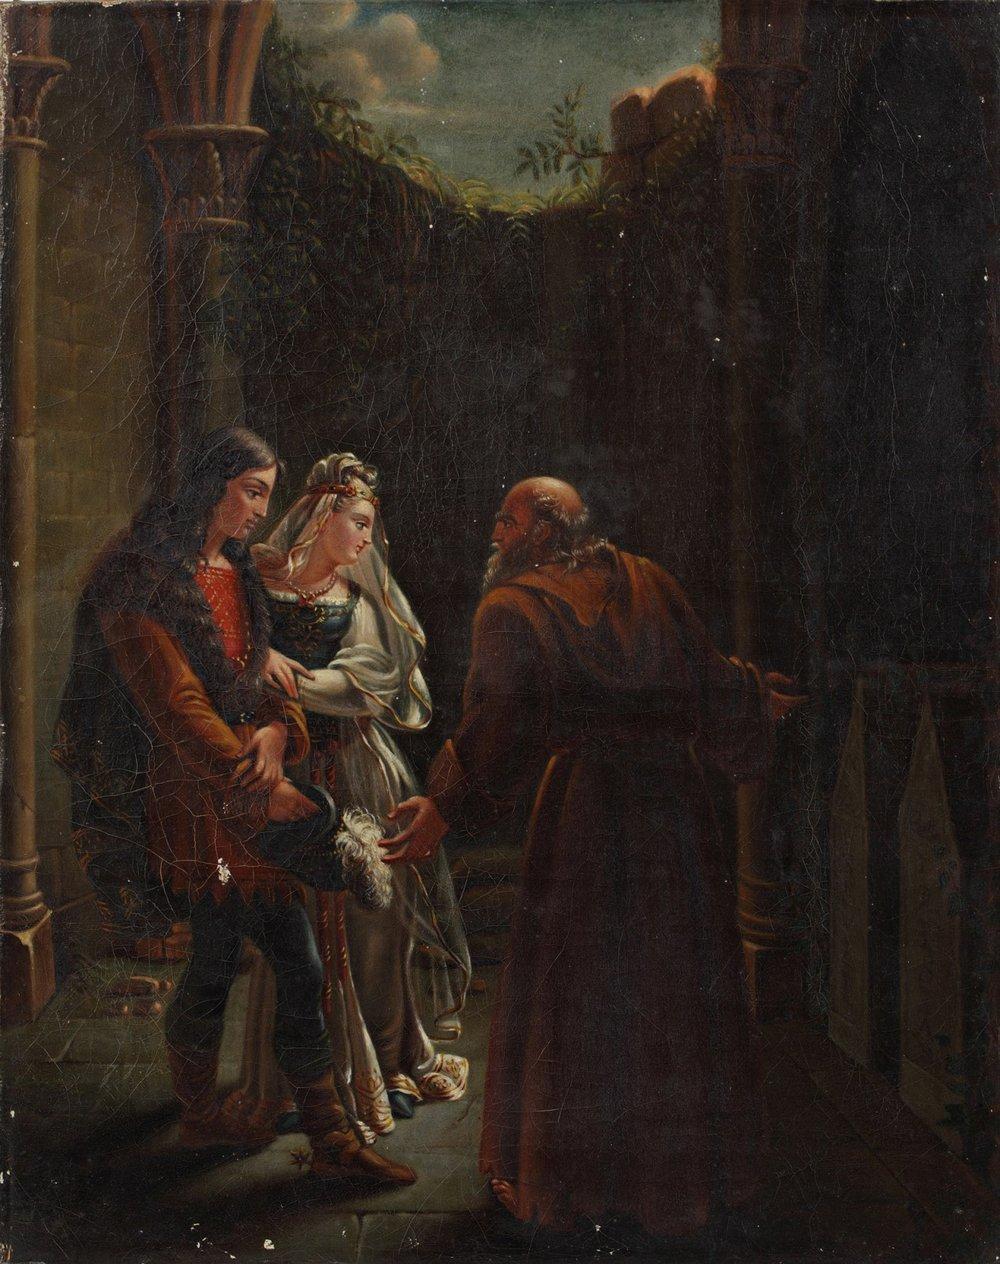 By Eugénie Servières (1786-1855) - Art Sales Index [1], Public Domain